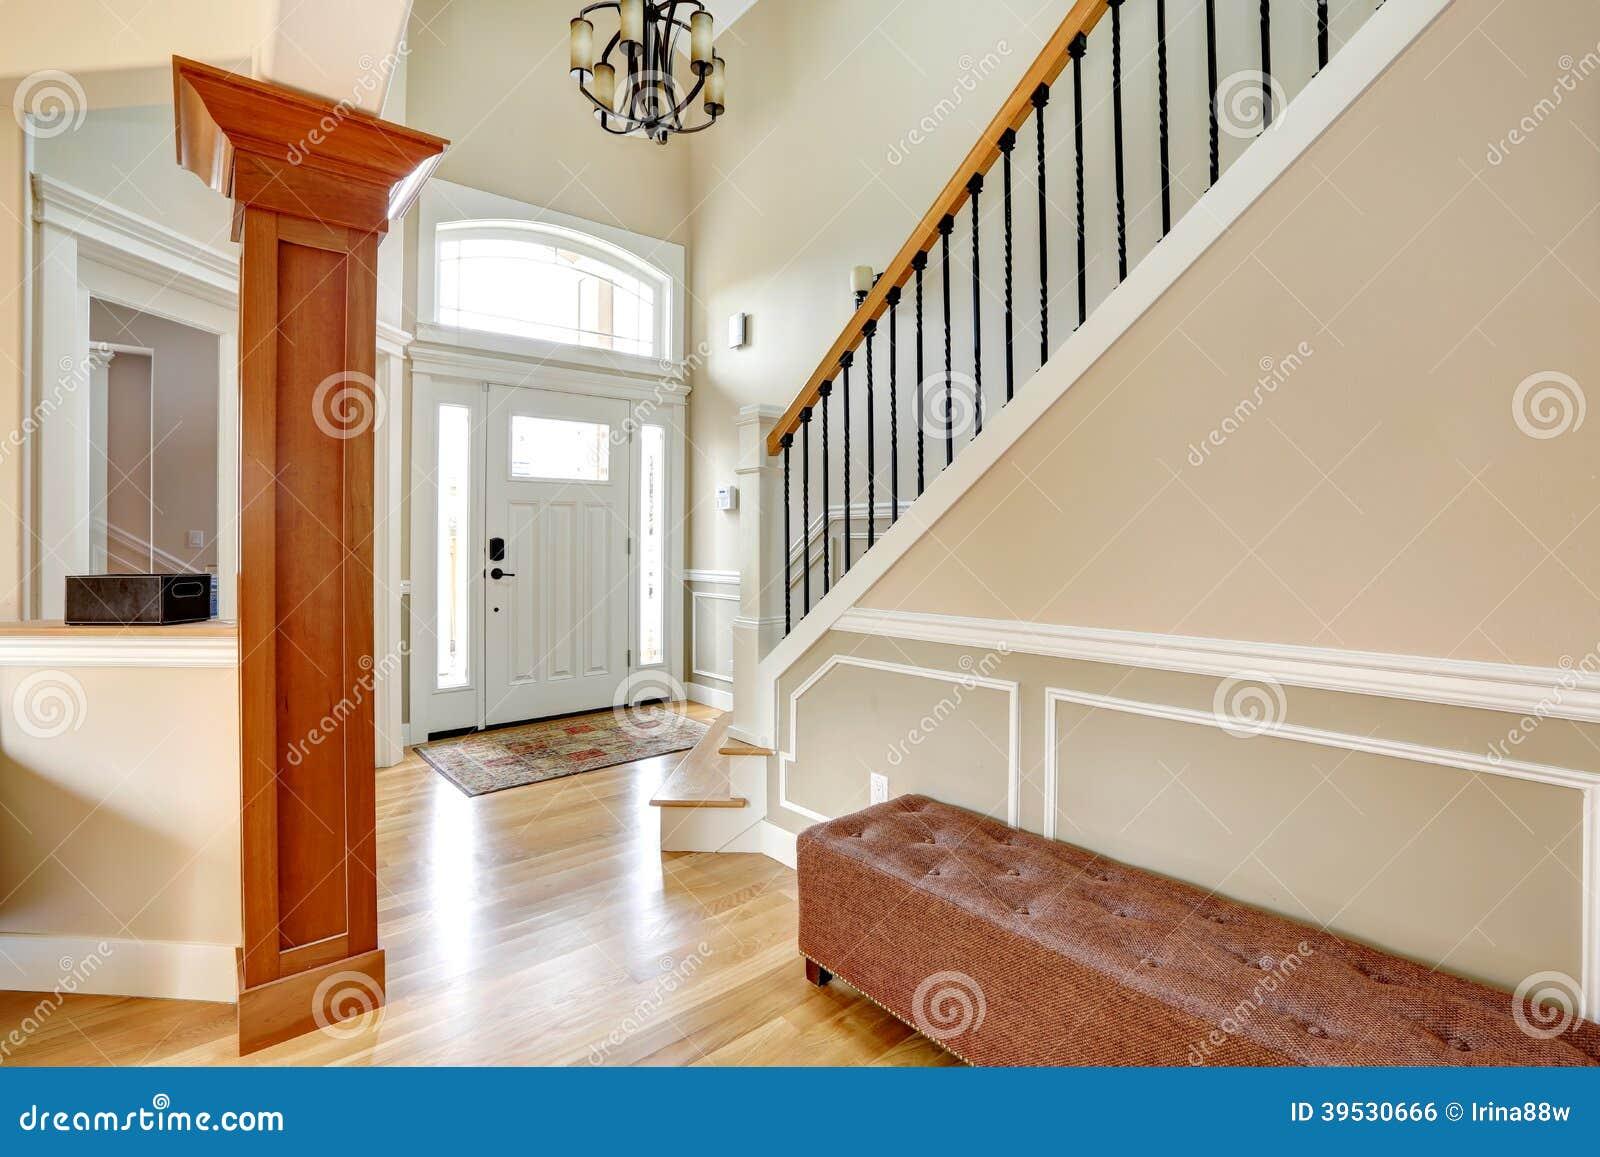 Hall d 39 entr e de luxe photo stock image 39530666 - Hall d entree maison photos ...